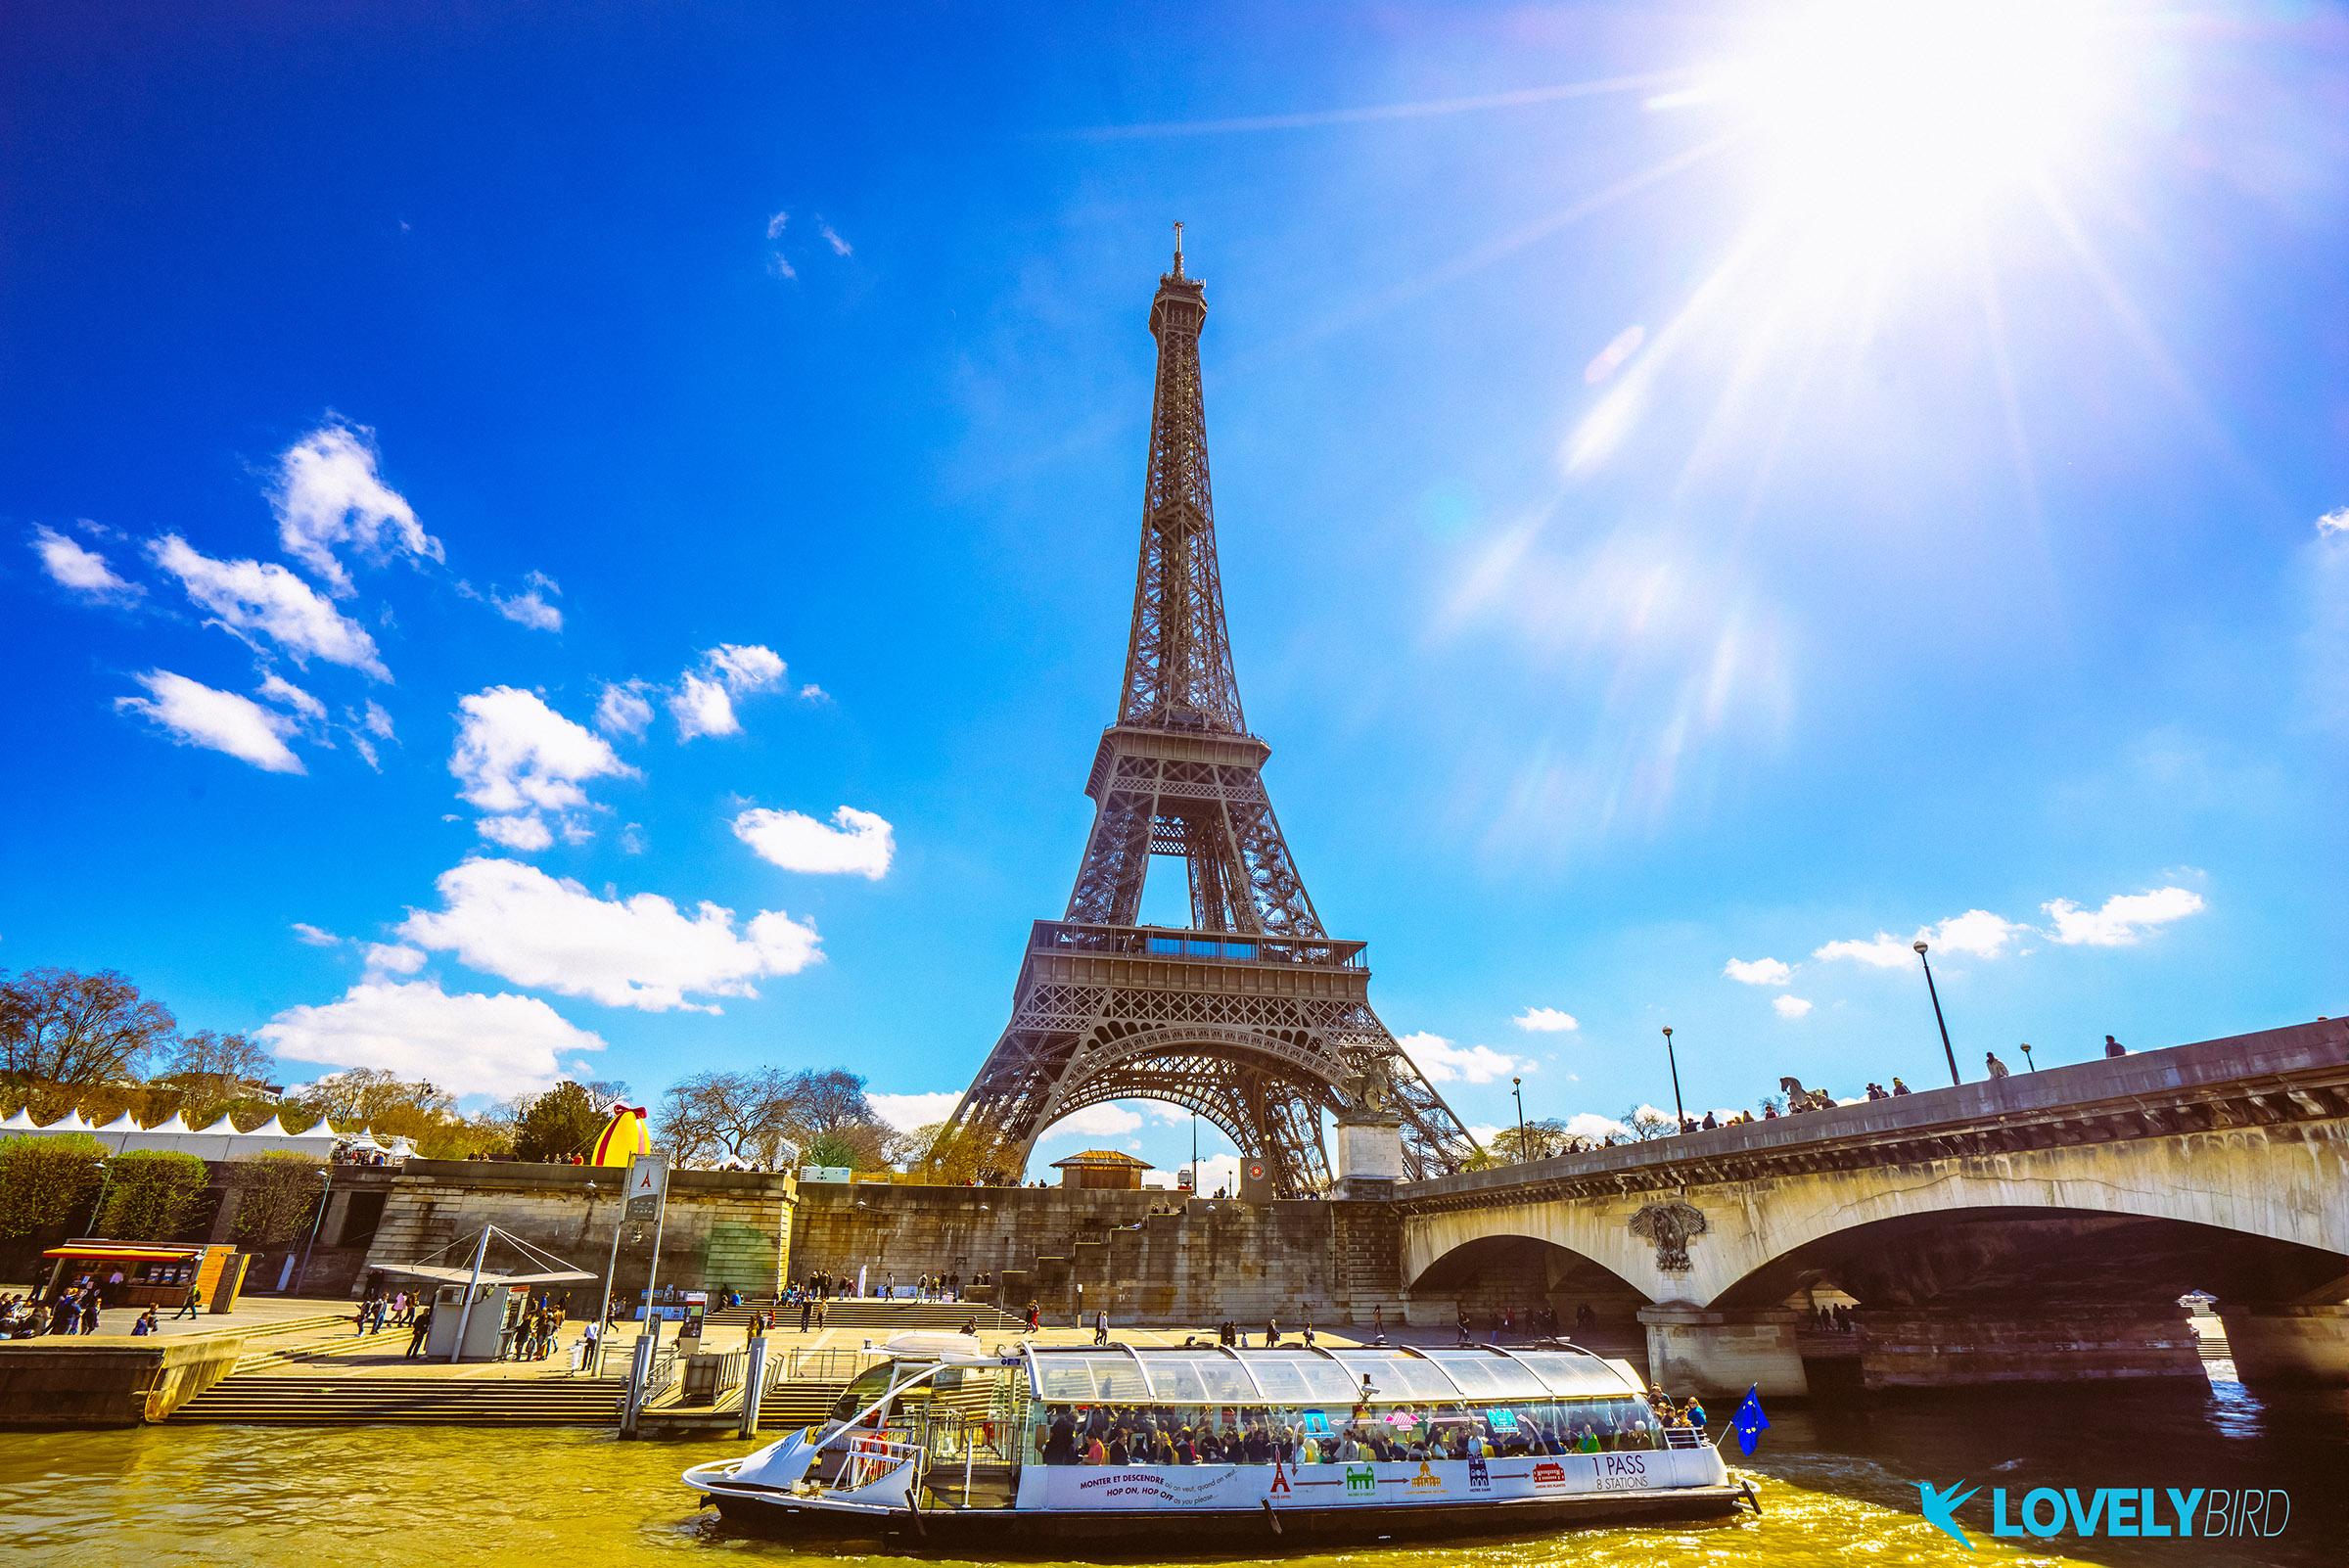 法國巴黎住宿簡易指南建議 – Lovely-Bird 青鳥旅人